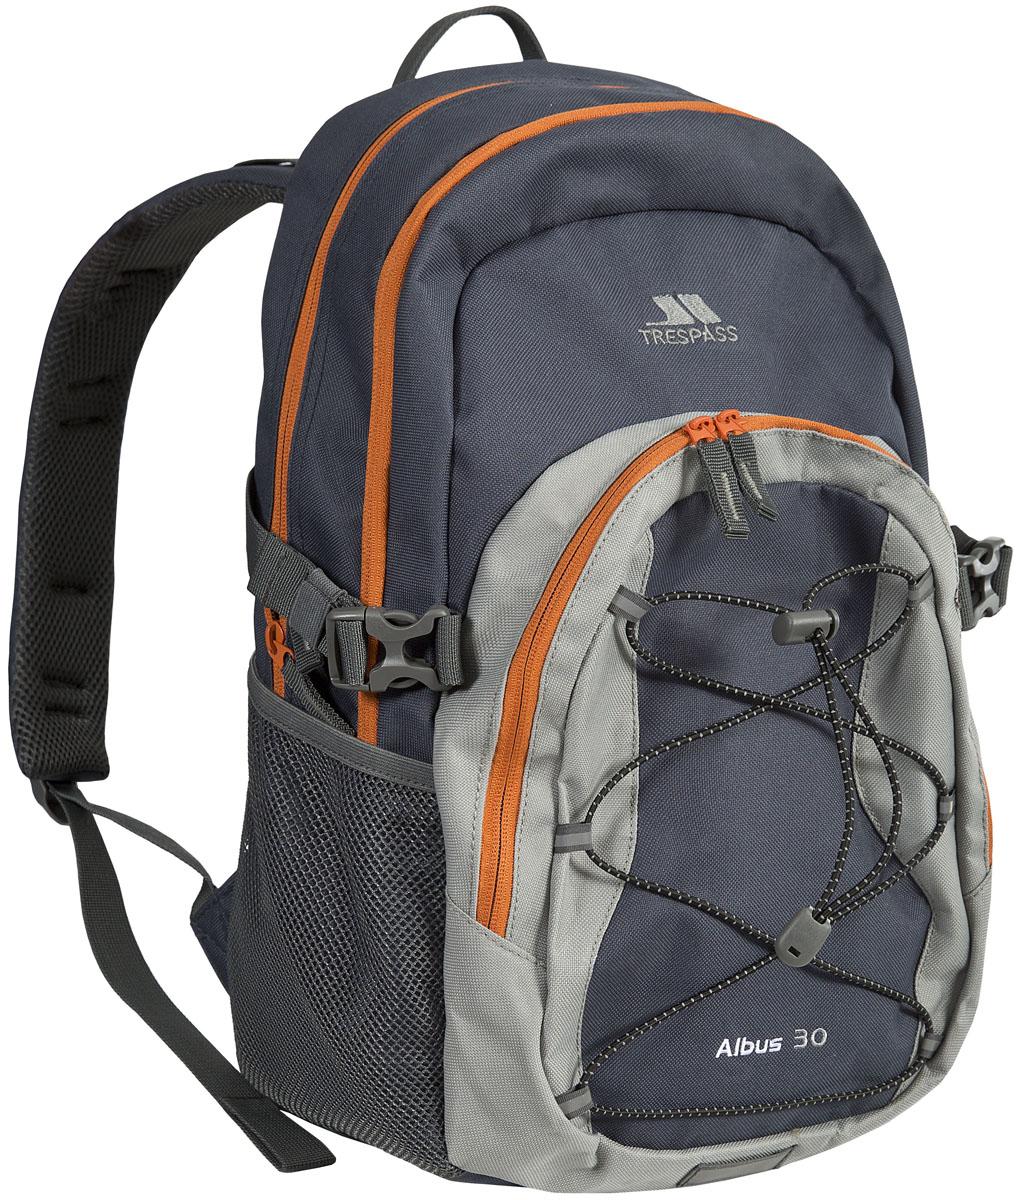 Рюкзак городской Trespass Albus, цвет: серый, 30 лUUACBAC10004